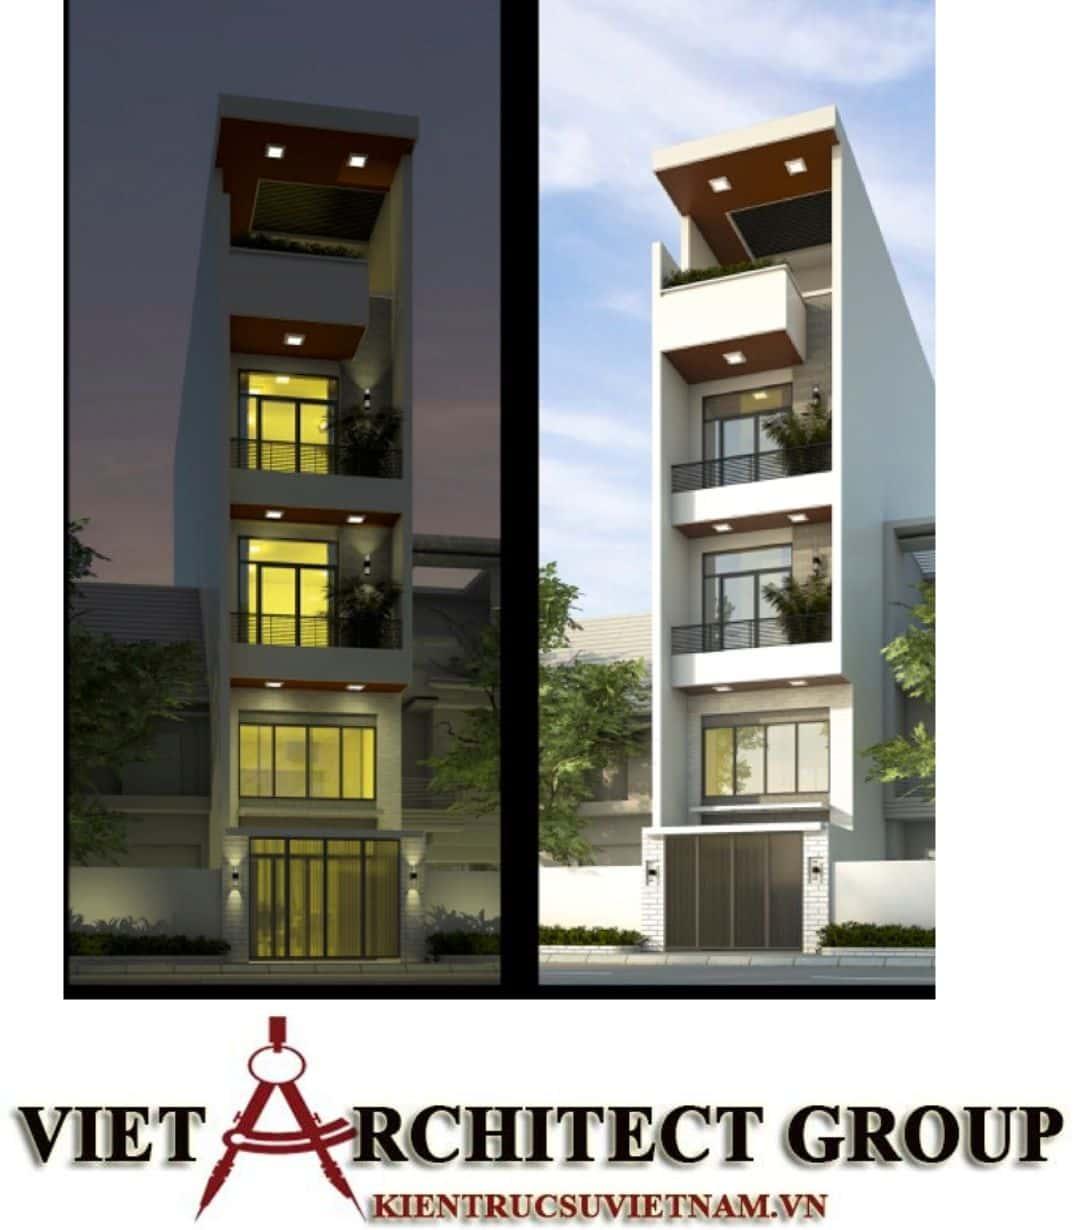 1 59 - Công trình nhà ở 5 tầng mặt tiền 4m chị Trâm - TPHCM